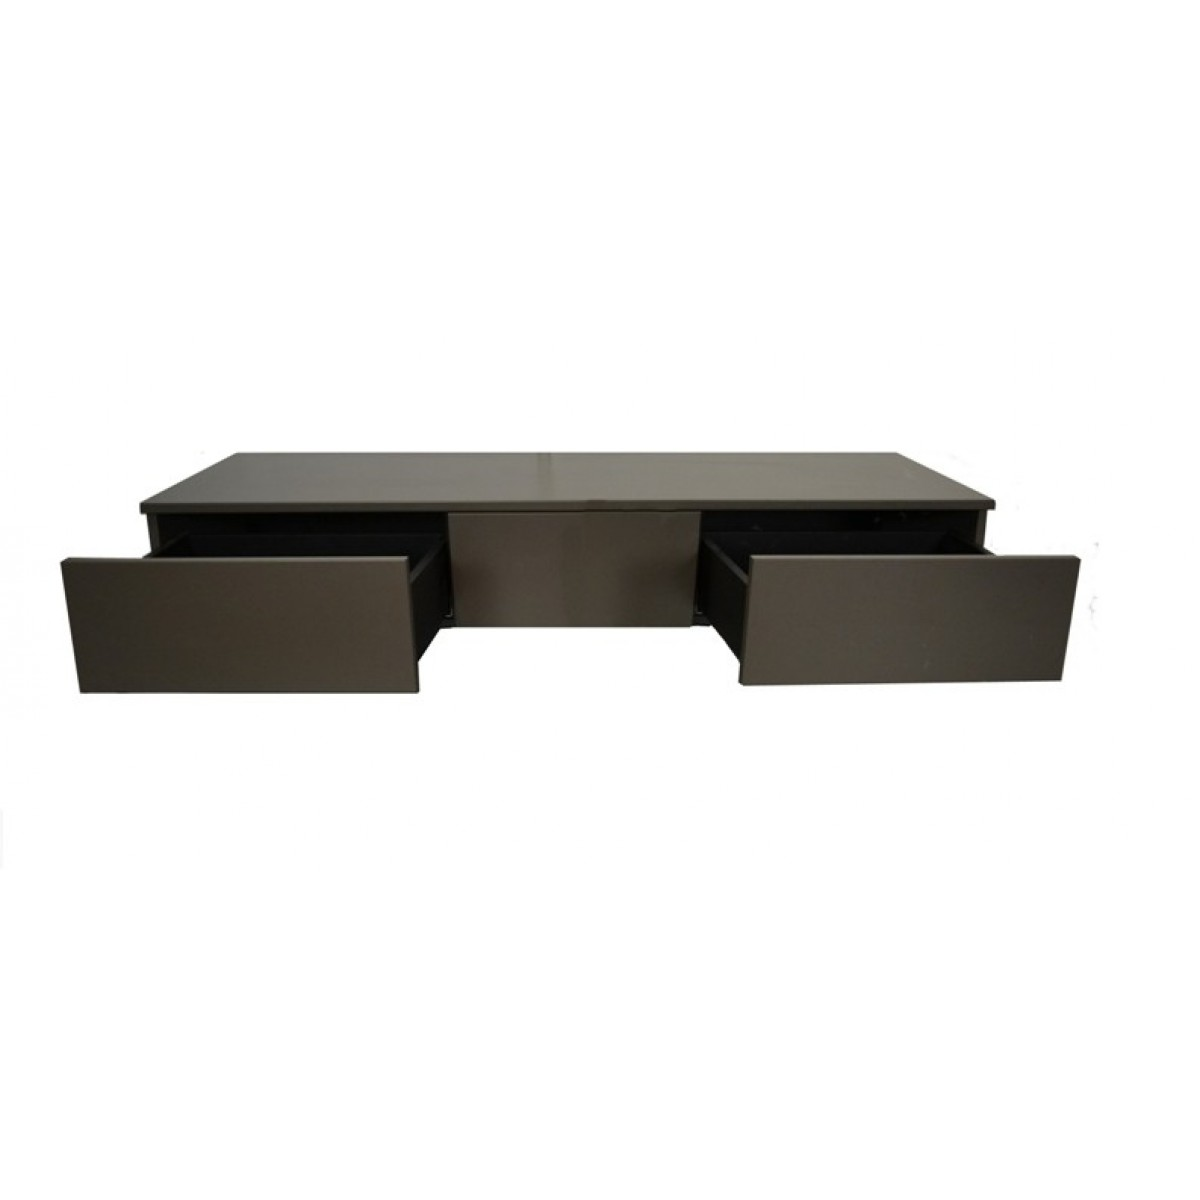 hangend-hang-tv-dressoir-meubel-kleur-basalt-laden-basalt-open